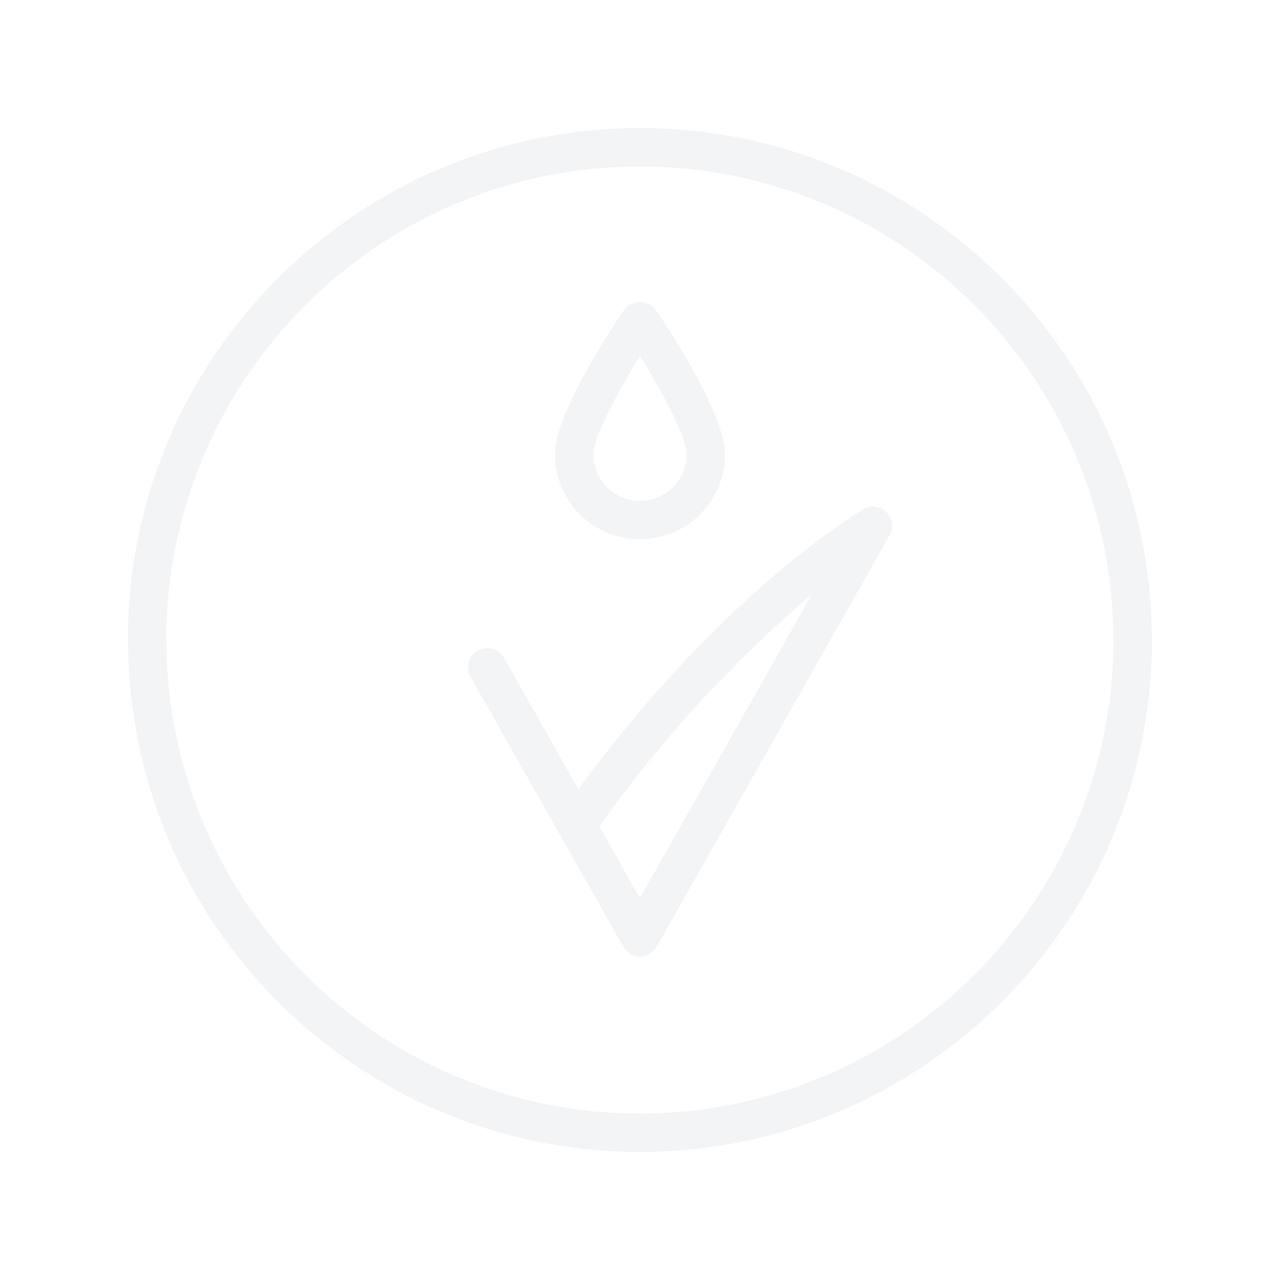 HOLIKA HOLIKA Superfood Capsule Pack Peppermint 10g